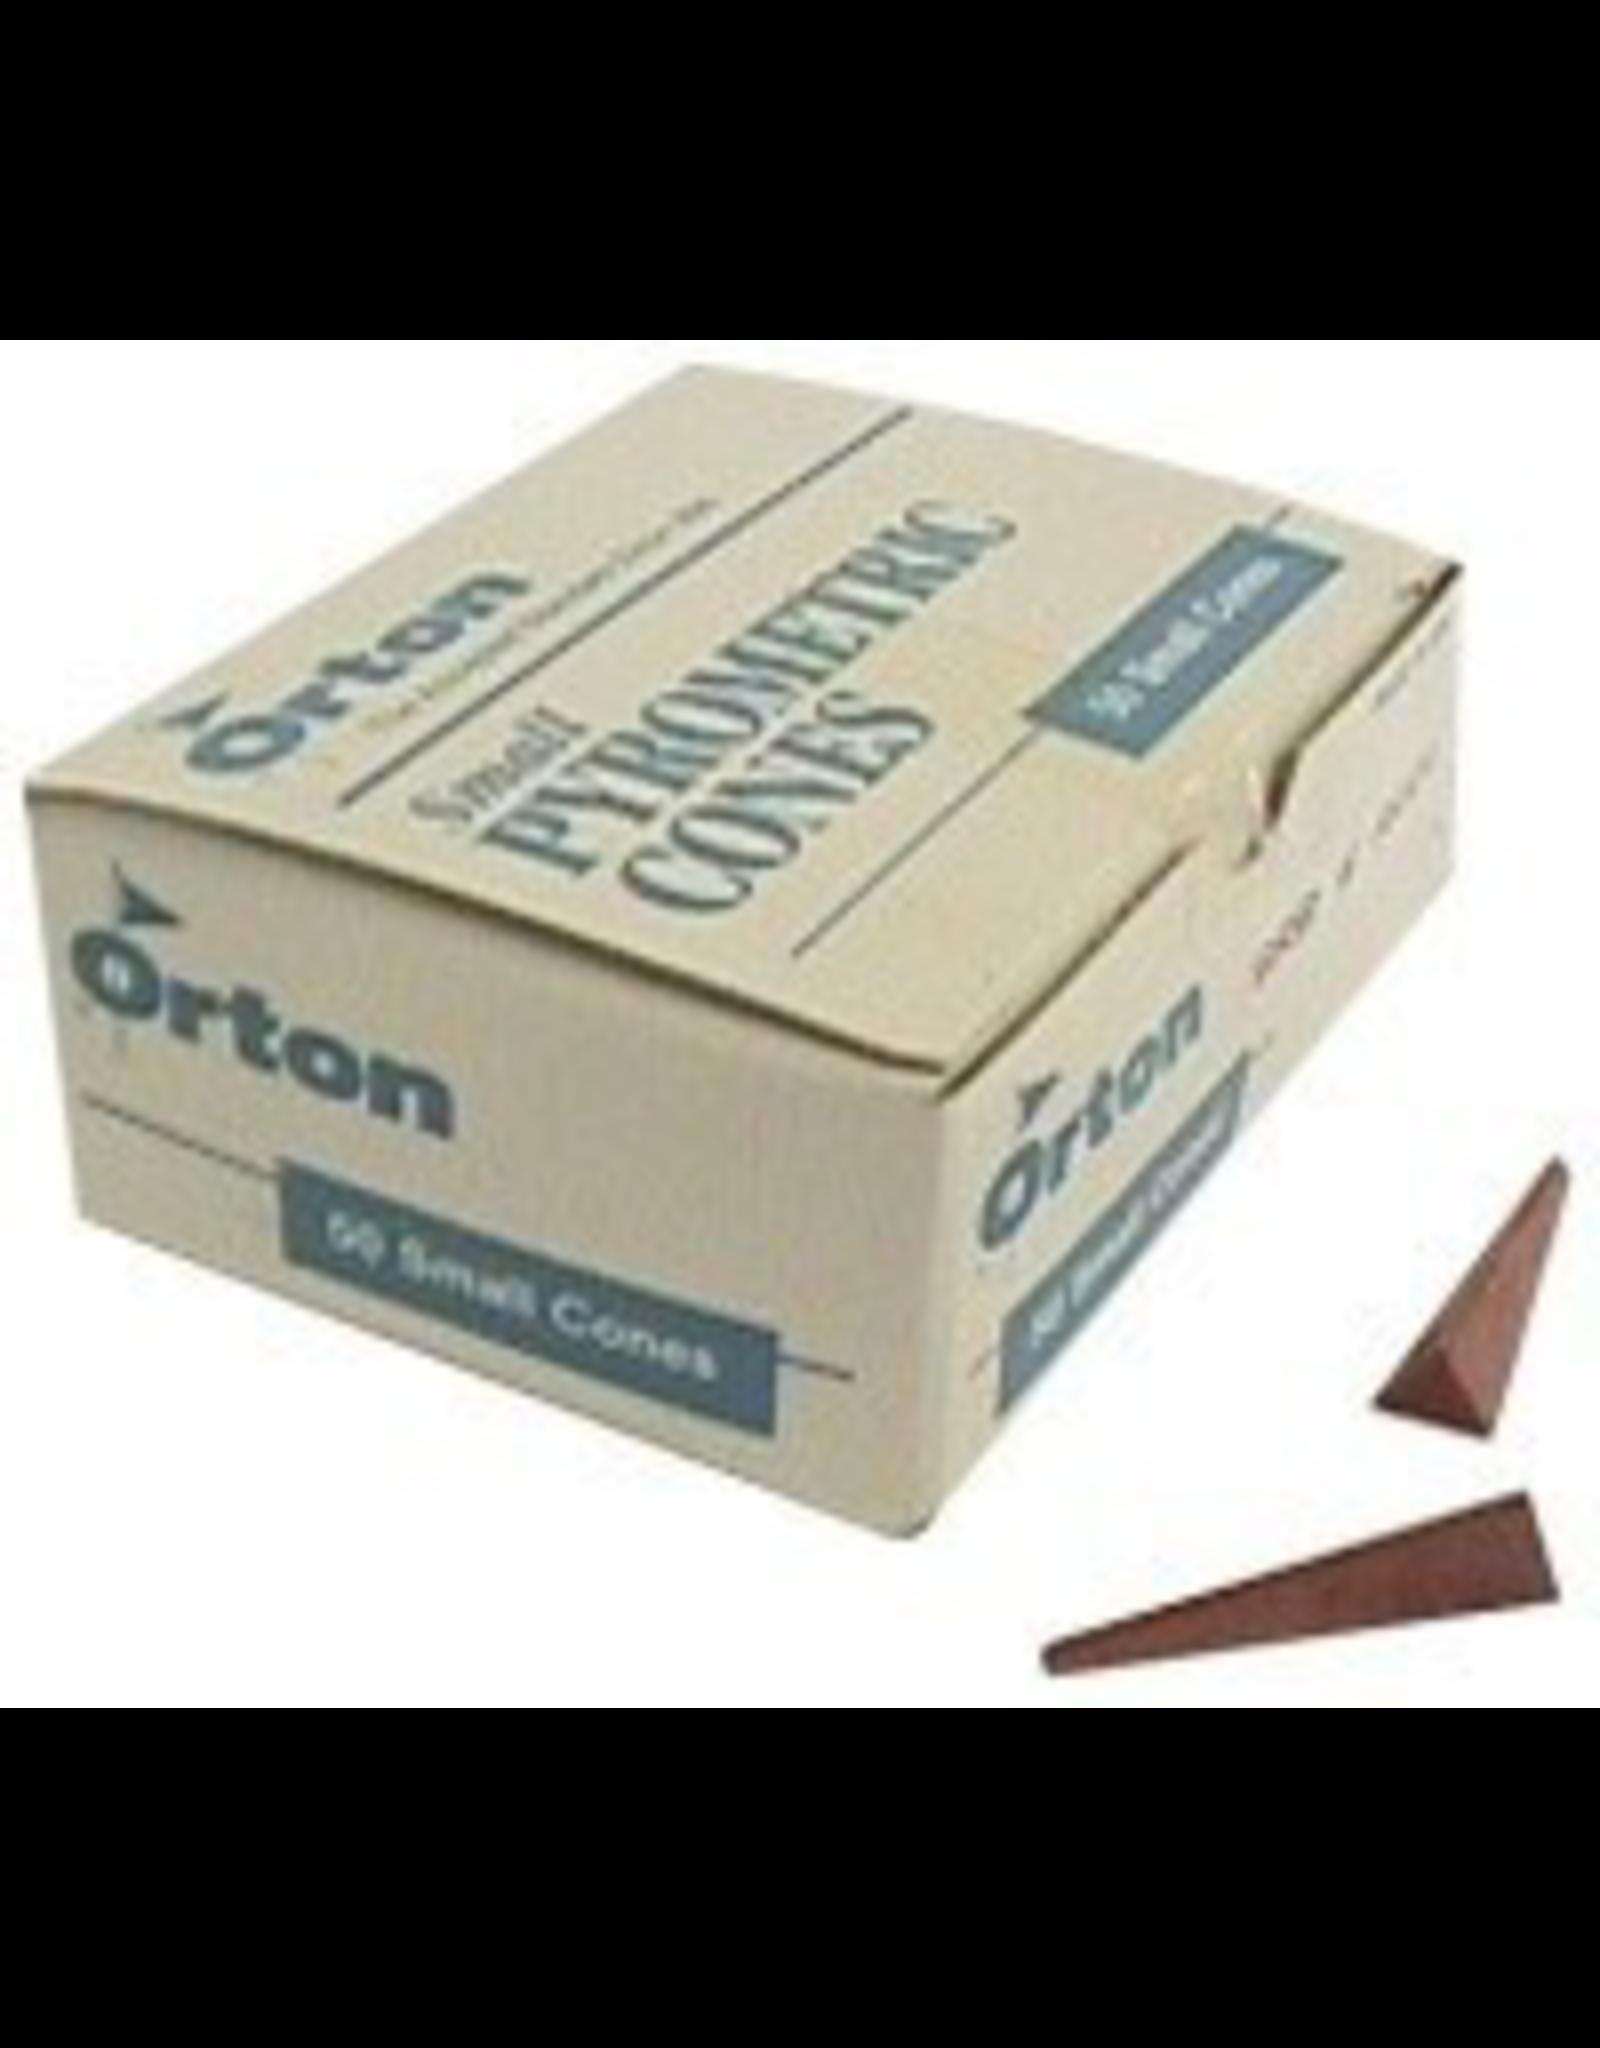 Orton small cone 04 (x10)